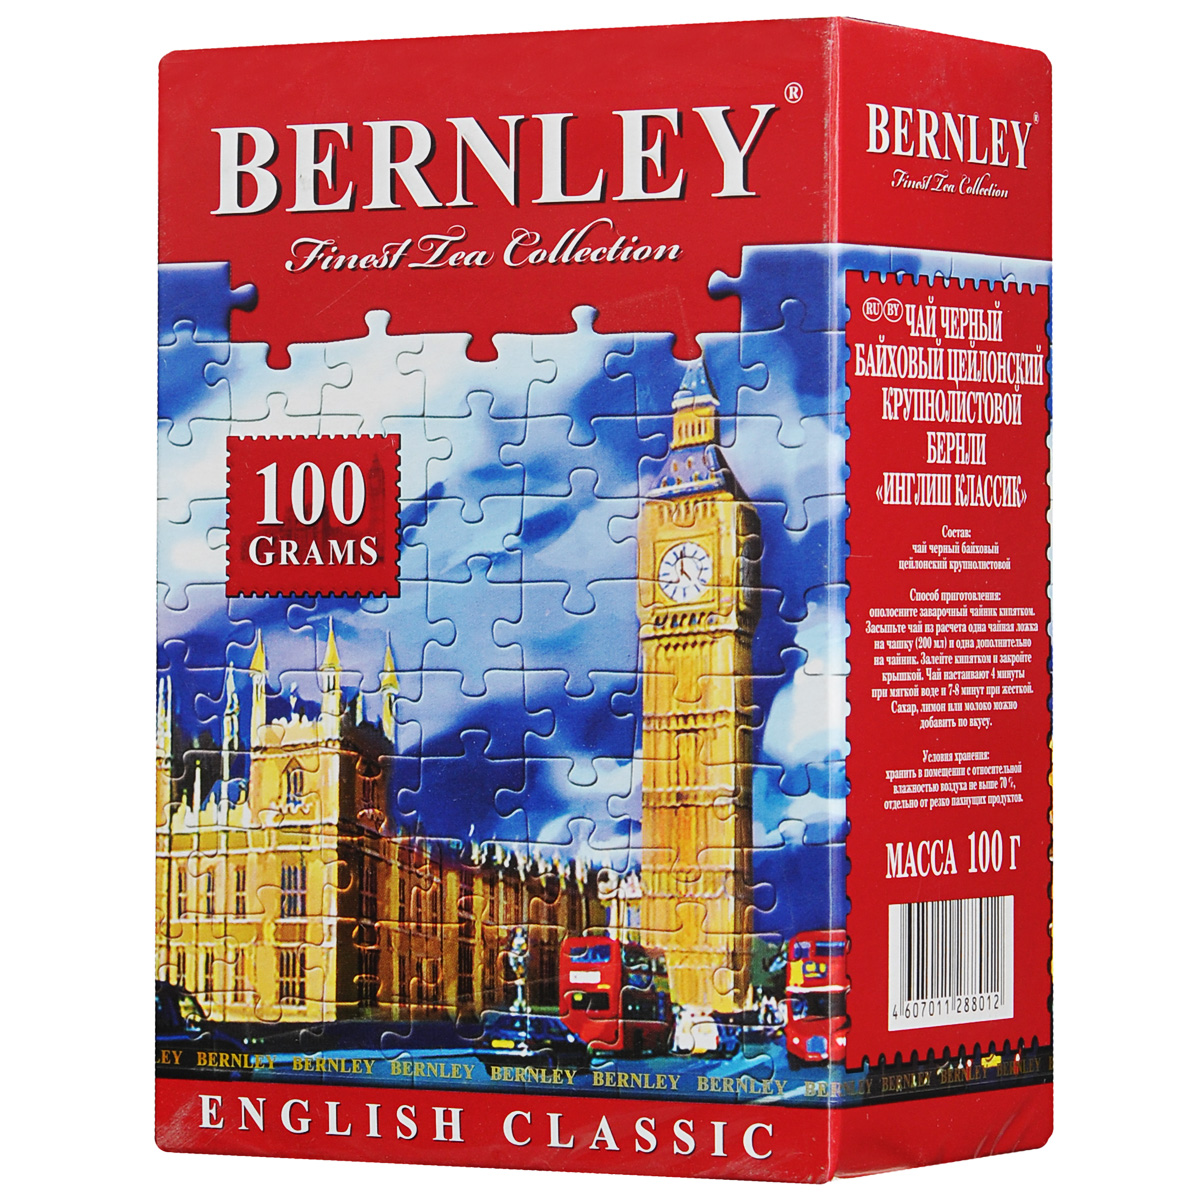 Bernley English Classic черный листовой чай, 100 г0120710Bernley English Classic - традиционный черный чай, созданный по классическому английскому рецепту, с густым, насыщенного цвета настоем и тонким ароматом, присущим лишь лучшим сортам цейлонского чая. Вкус терпкий, сбалансированный, с утонченными оригинальными оттенками.